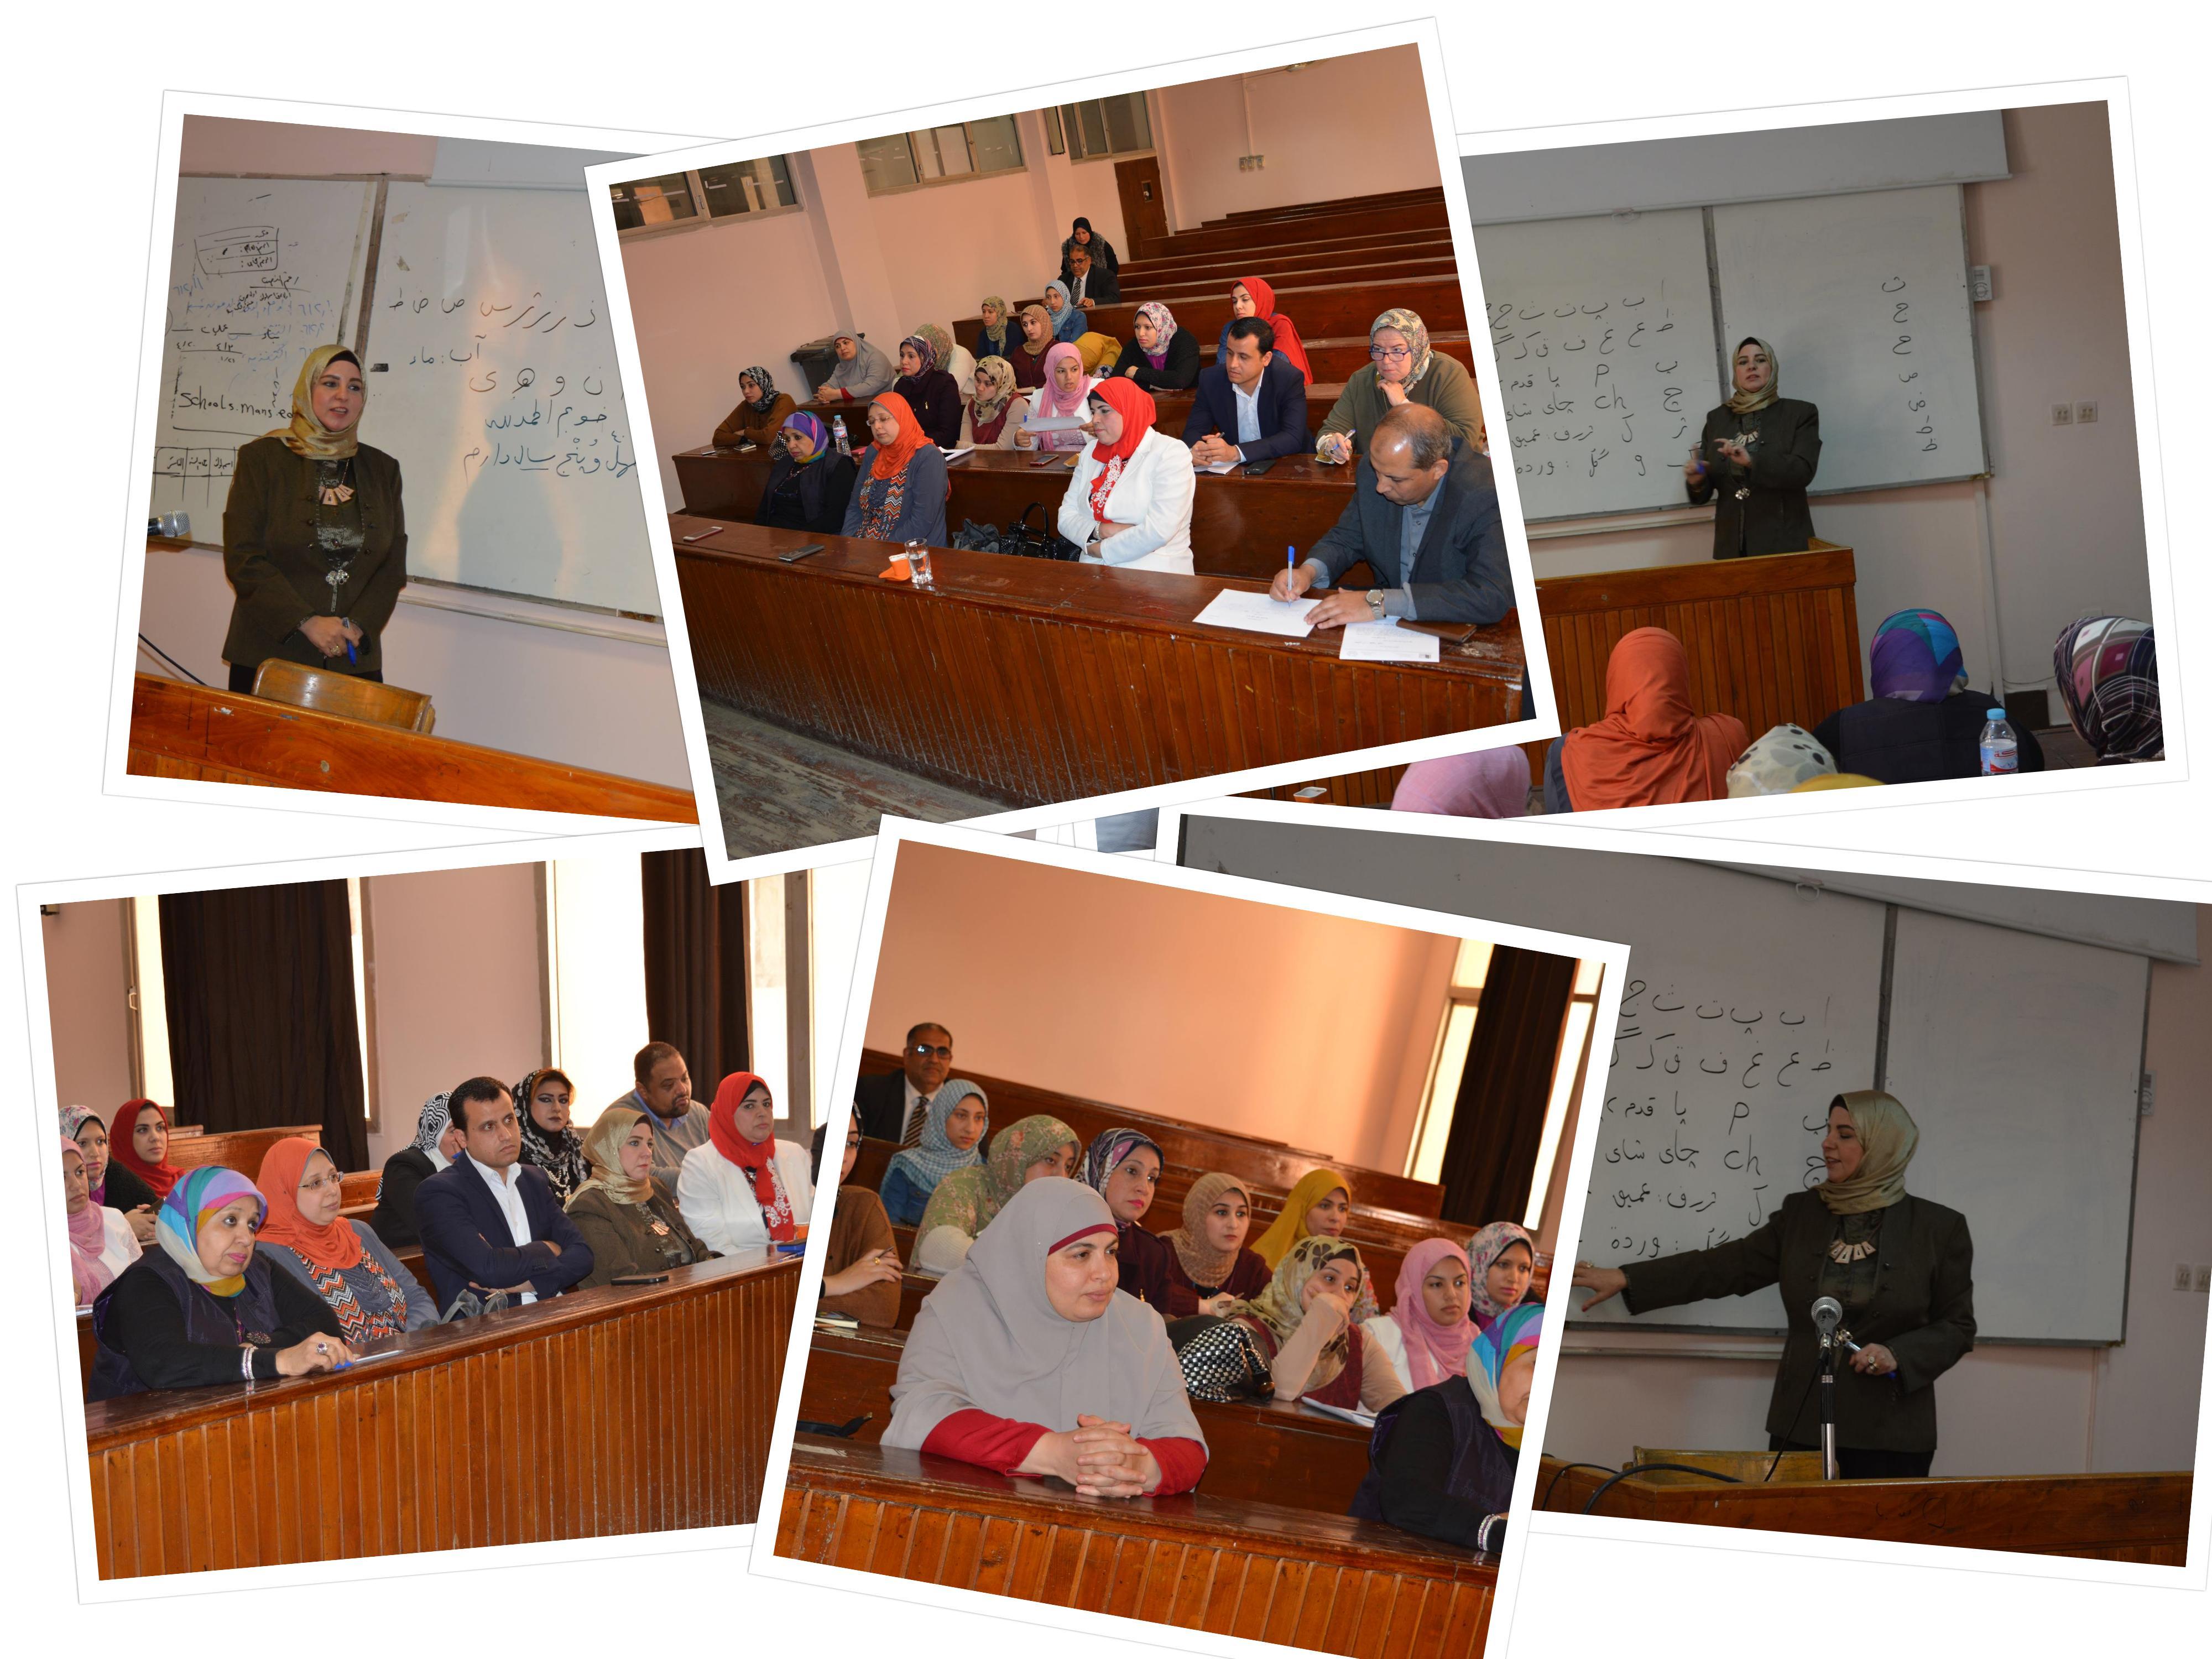 بروتوكولات تعاون مع قسم اللغة الفارسية